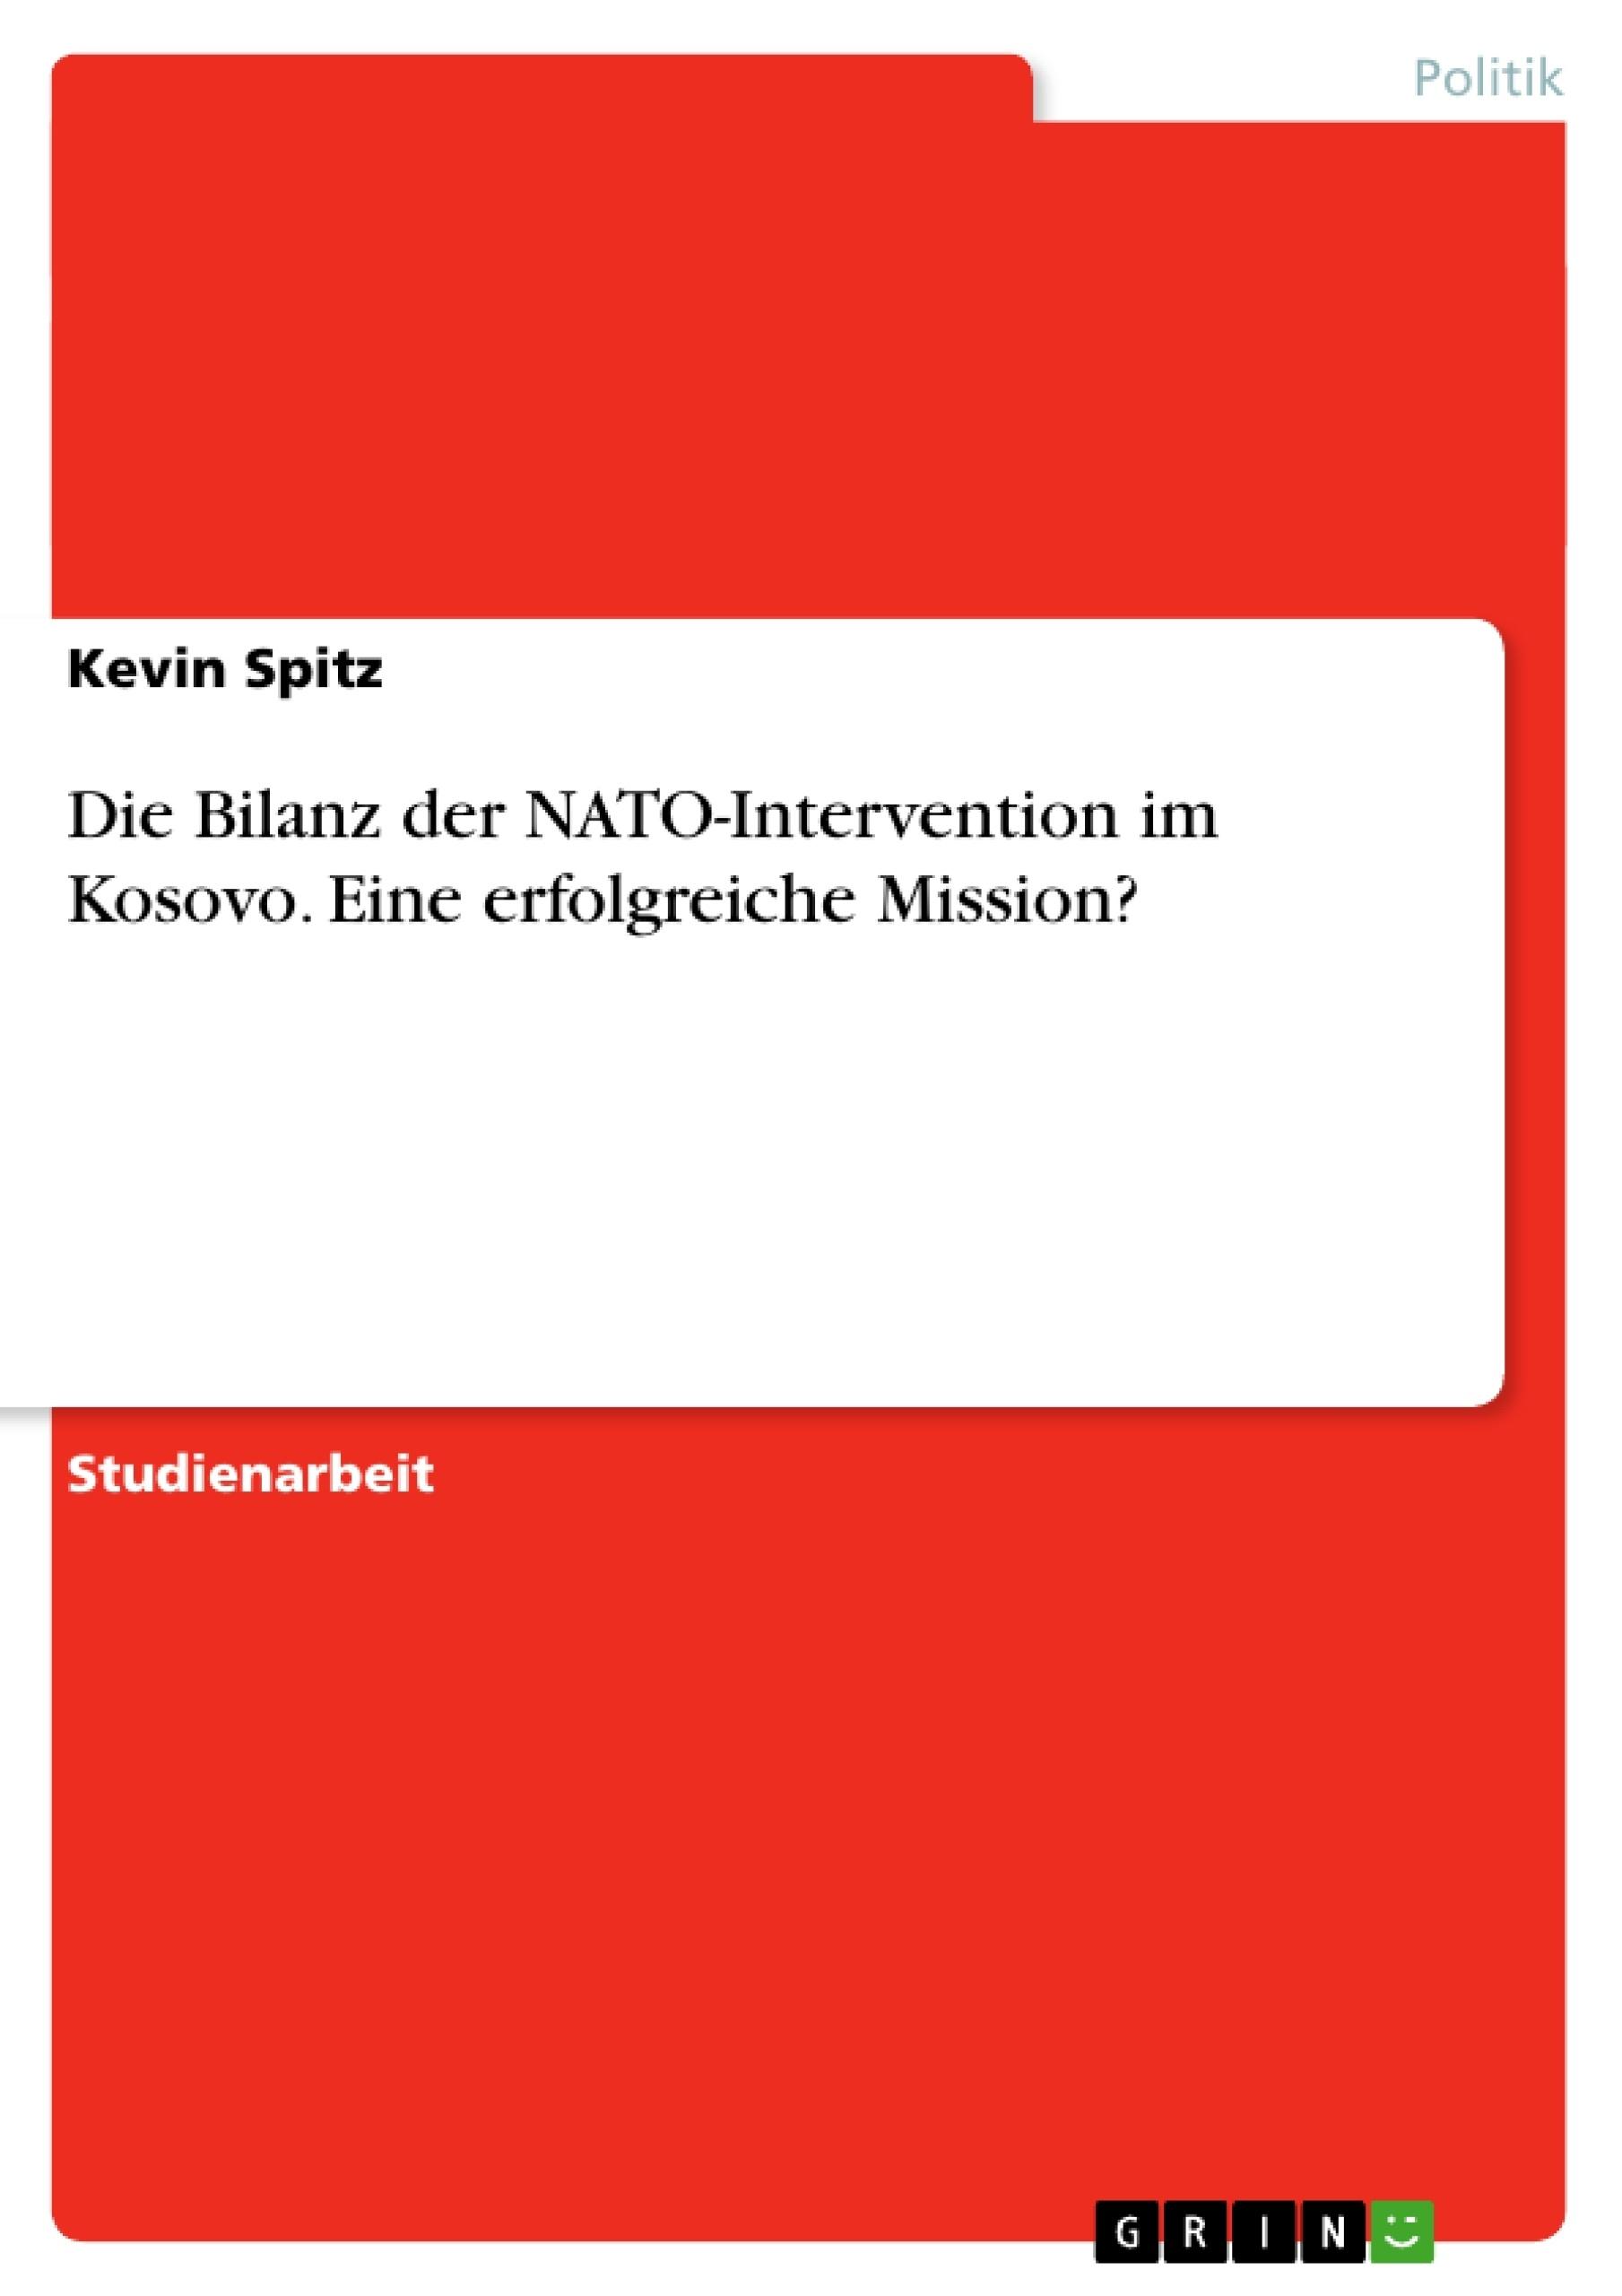 Titel: Die Bilanz der NATO-Intervention im Kosovo. Eine erfolgreiche Mission?